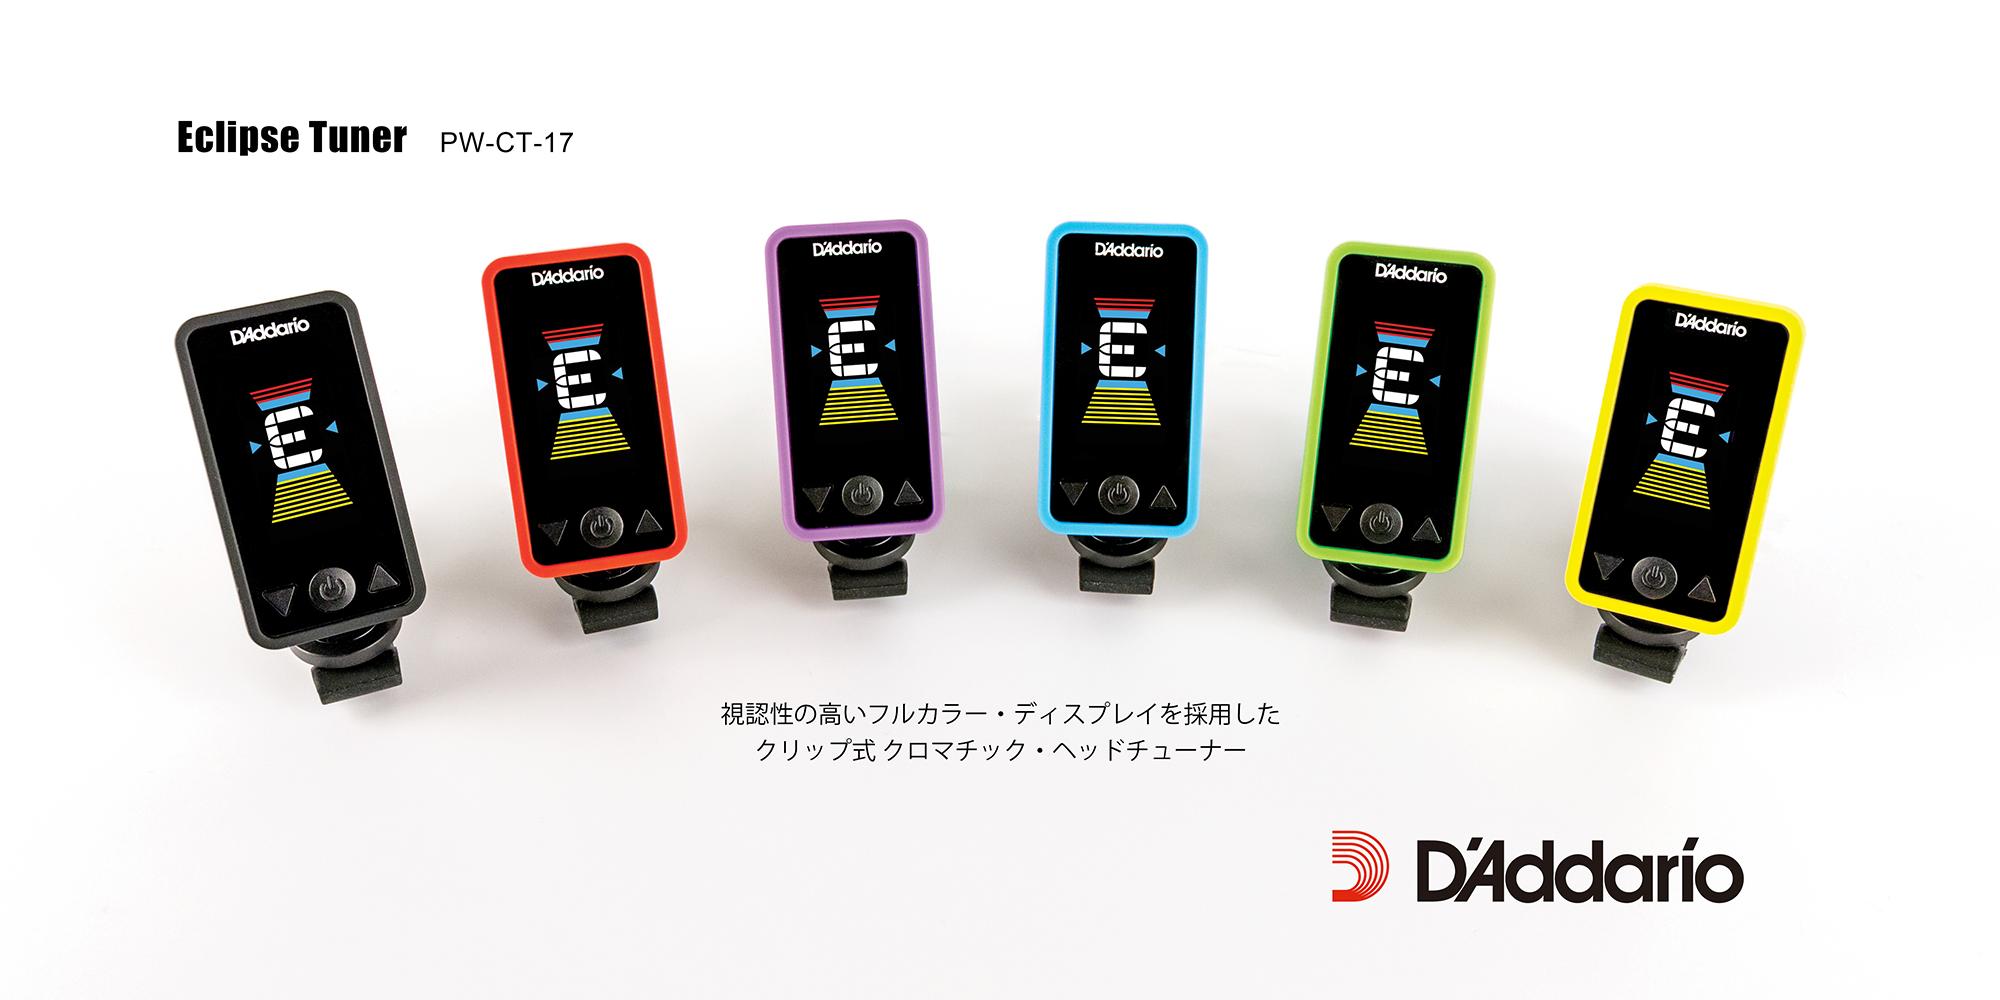 D'Addario/Planetwaves新製品 Eclipse Tuner 登場!